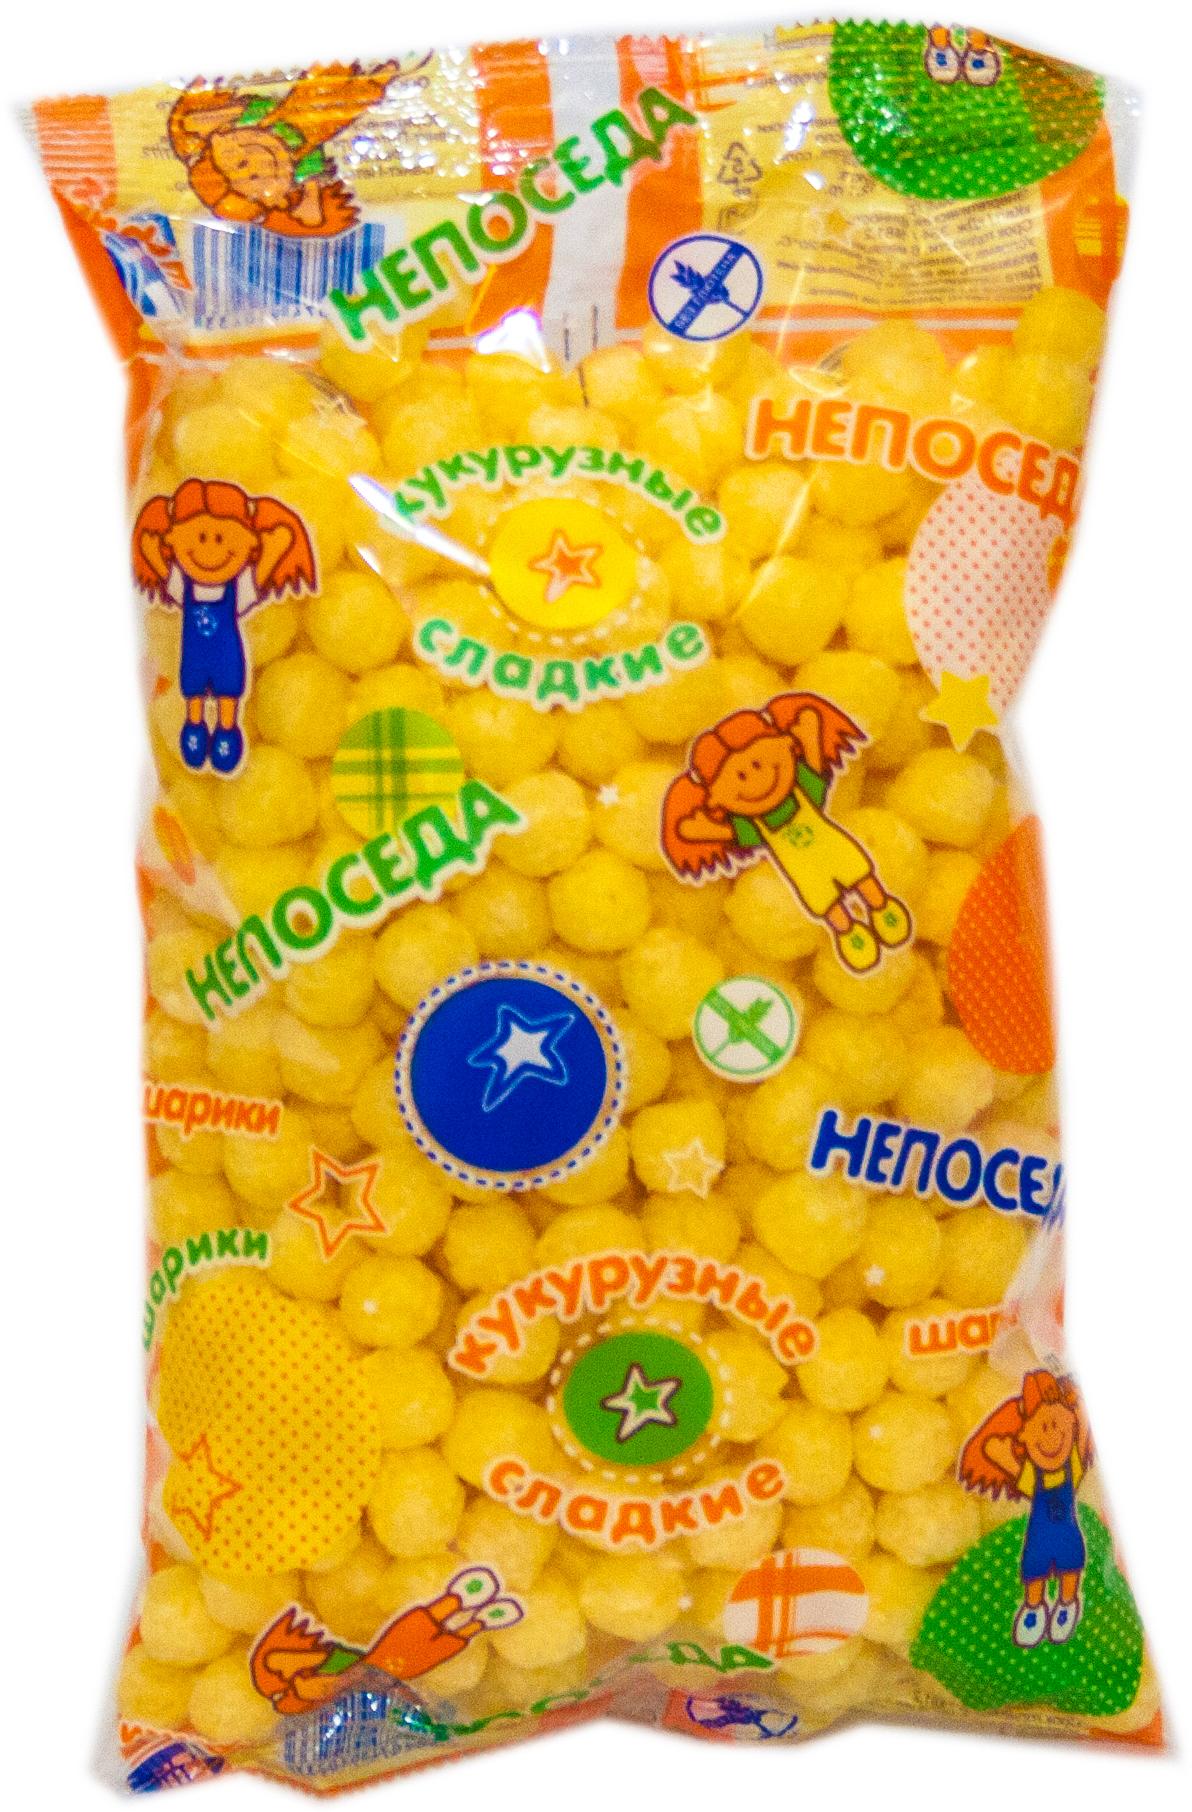 Непоседа шарики кукурузные с сахаром, 70 г4607074910233Безглютеновые шарики Здоровей Непоседа Кукурузные представляют собой полезный, здоровый десерт, который отлично заменит привычные кукурузные палочки, так любимые детьми и взрослыми. Они будут настоящей находкой и палочкой-выручалочкой для людей с индивидуальной непереносимостью глютена, либо вынужденных соблюдать безглютеновую диету. Продукция не содержит в составе молоко, яйца. За основу взята кукурузная крупа, которая не содержит клейковину.